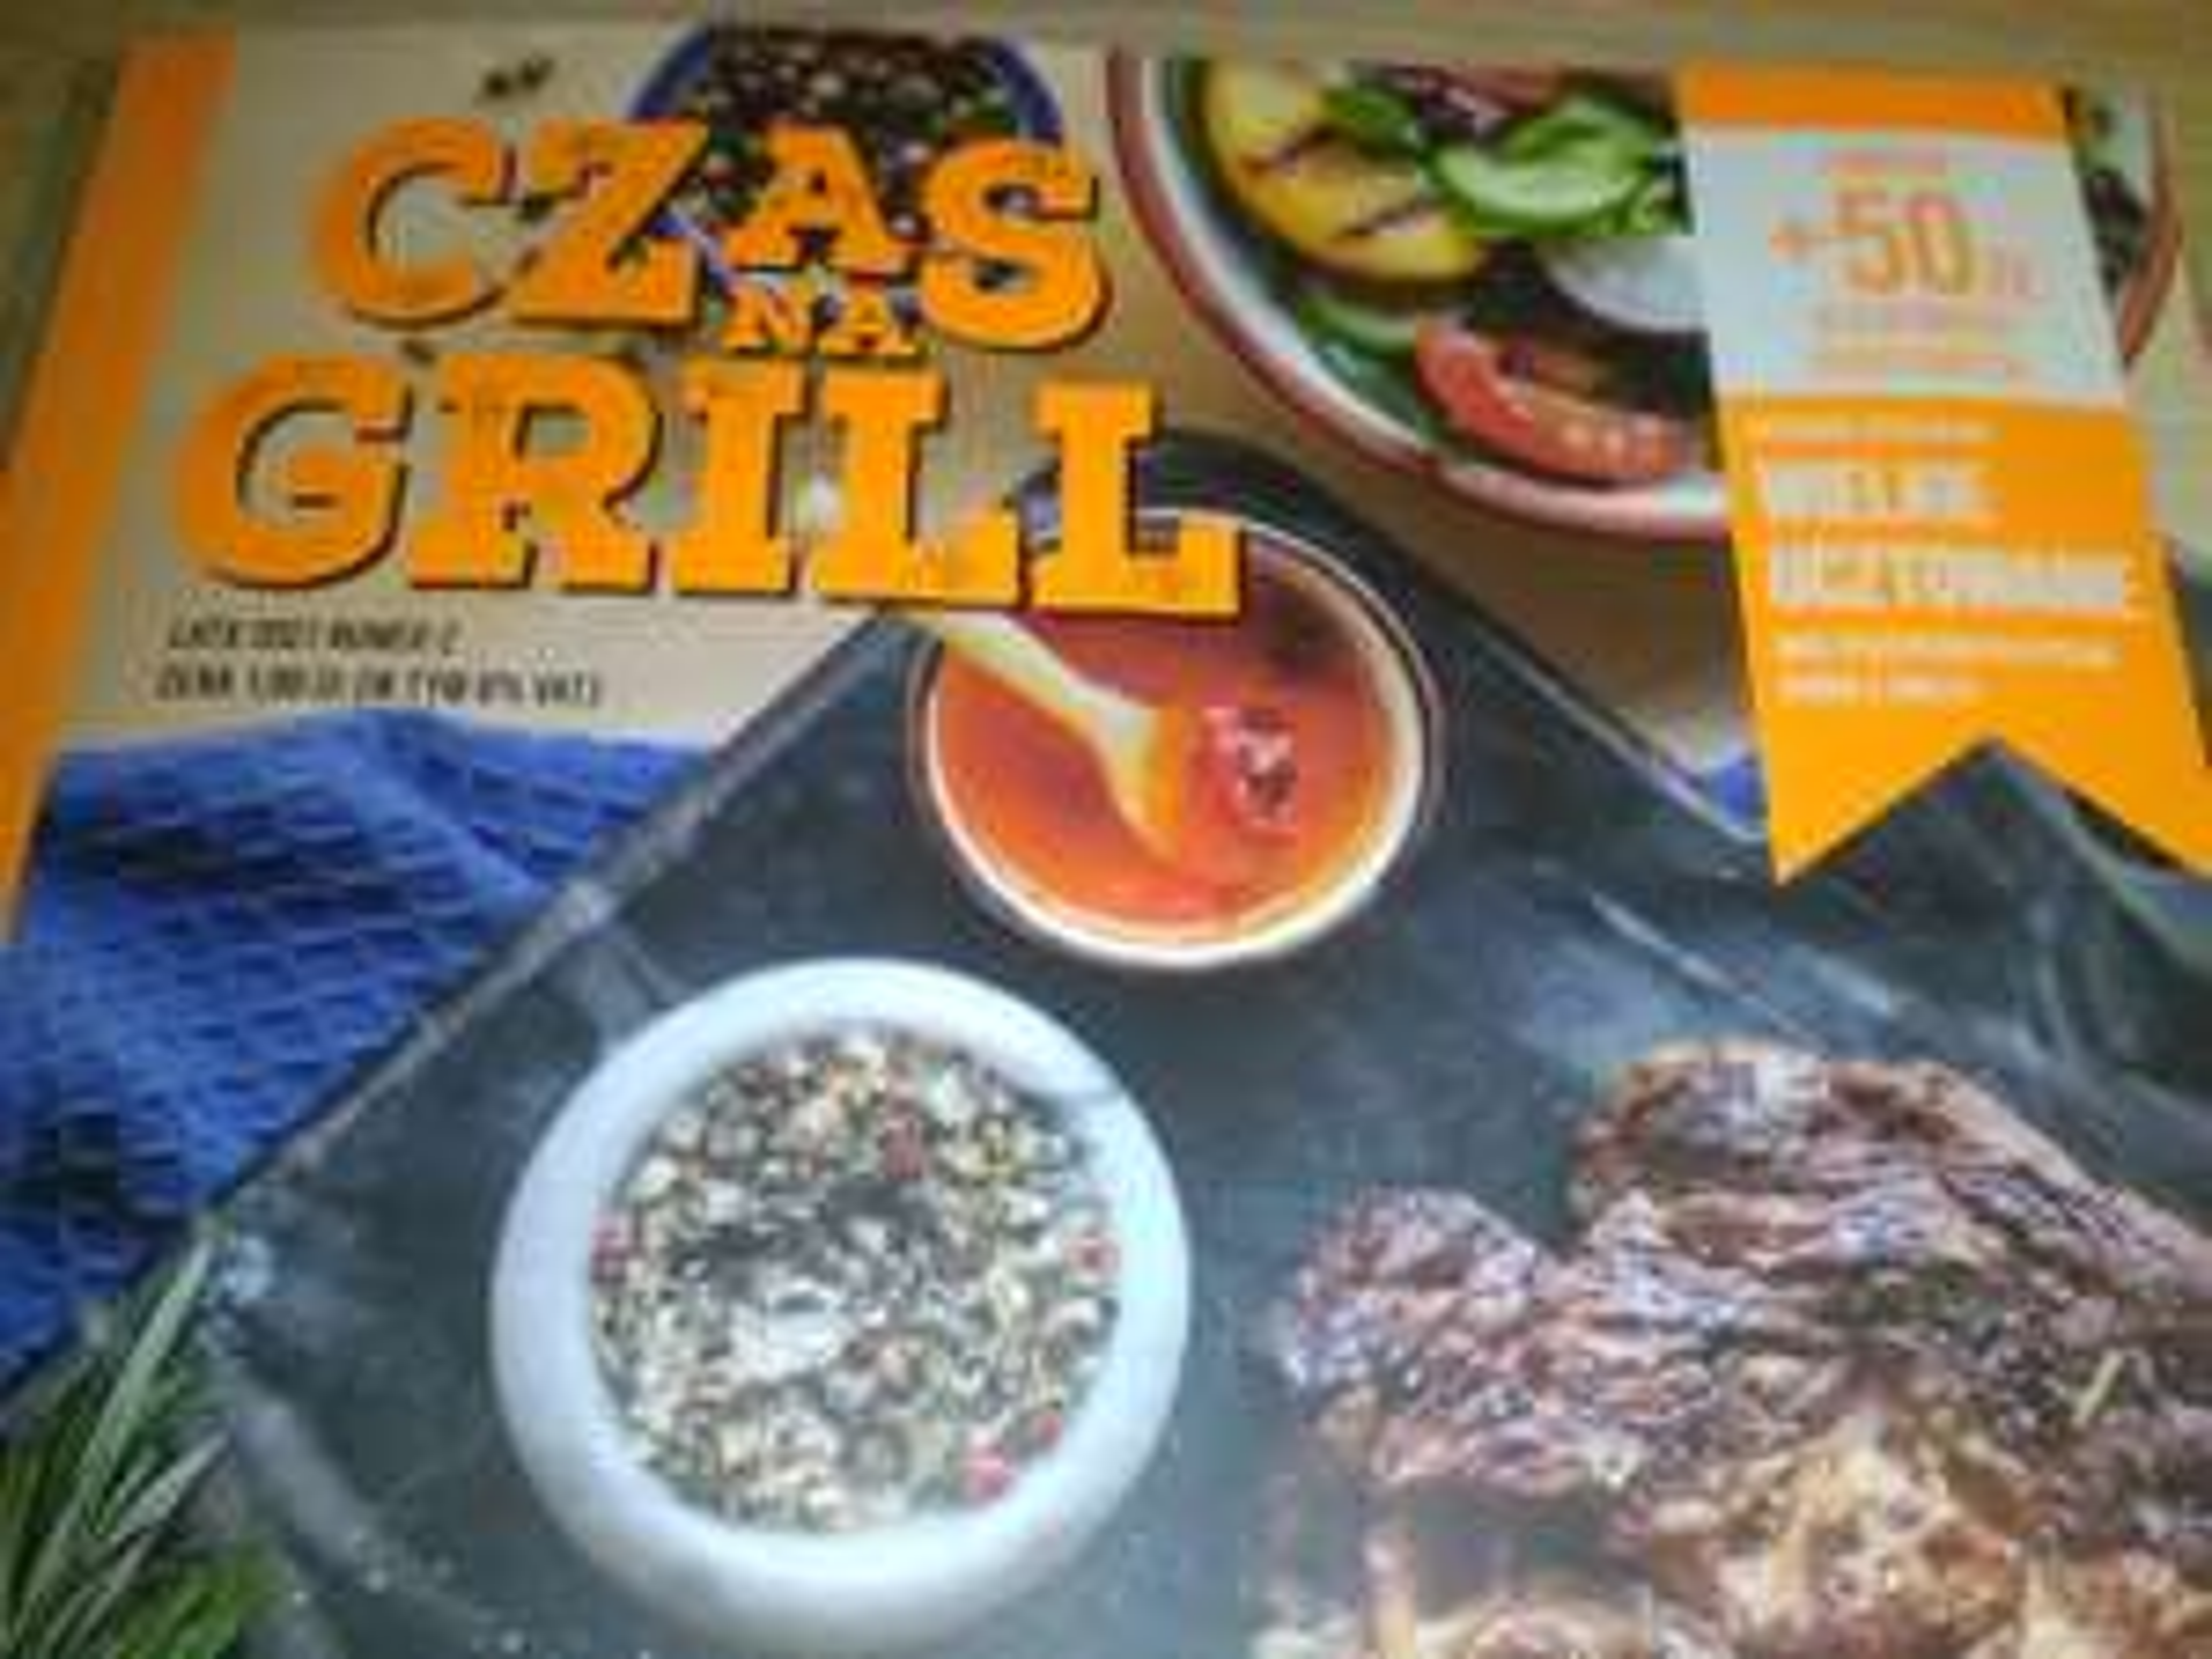 Kupony z magazynu Czas na grill - biedronka